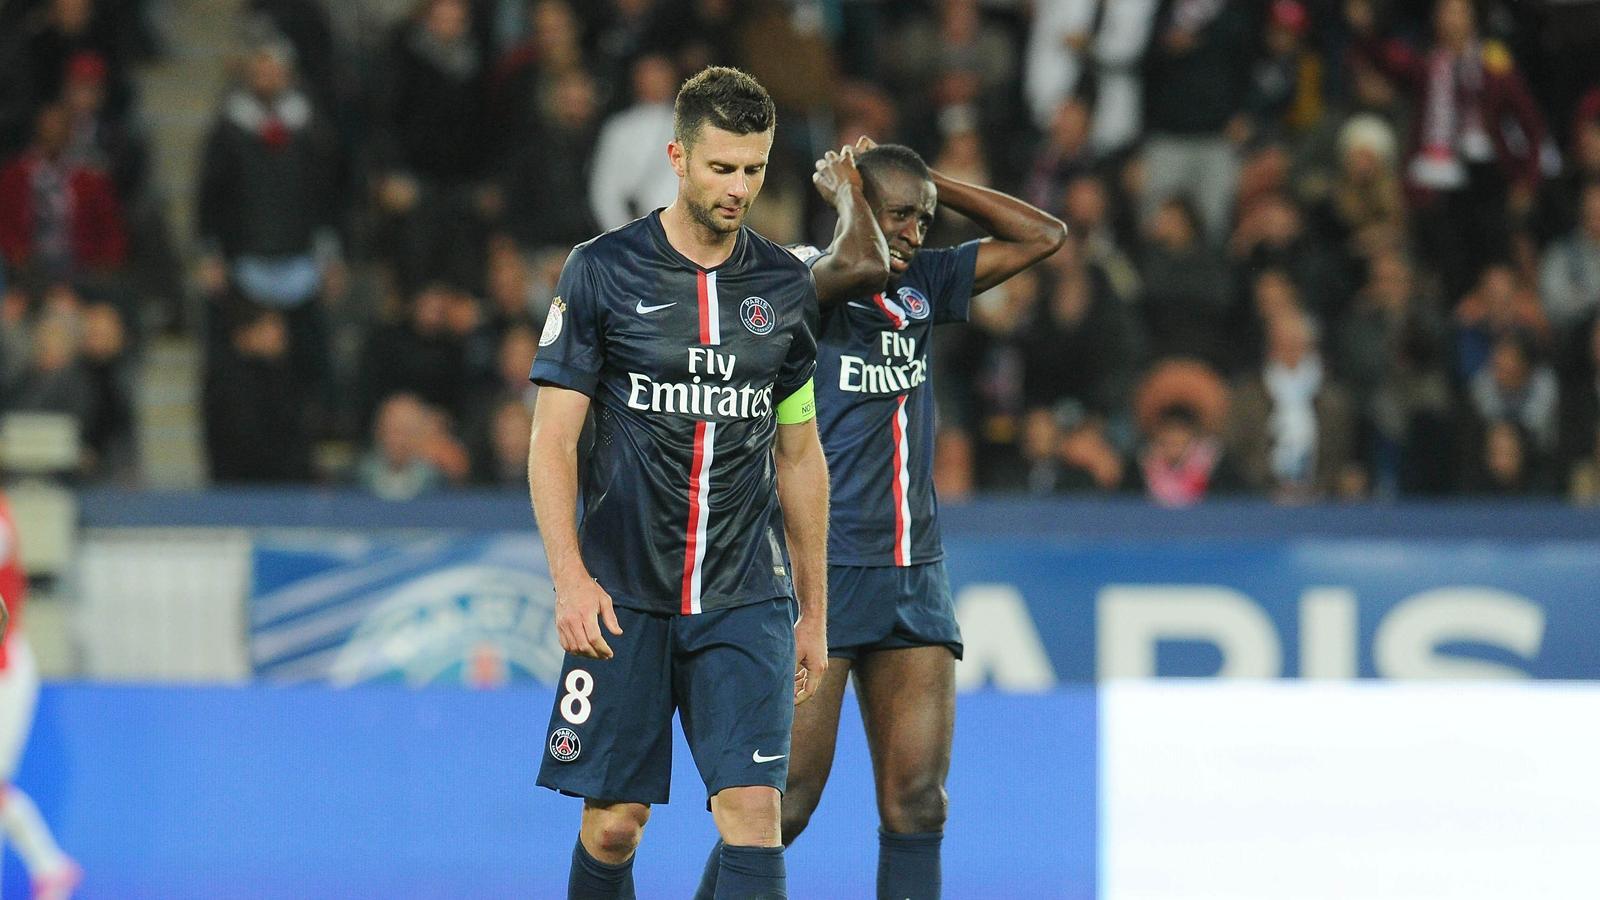 Ligue 1 avant asse psg motta ne gagne plus les duels - Finaliste coupe de france europa ligue ...